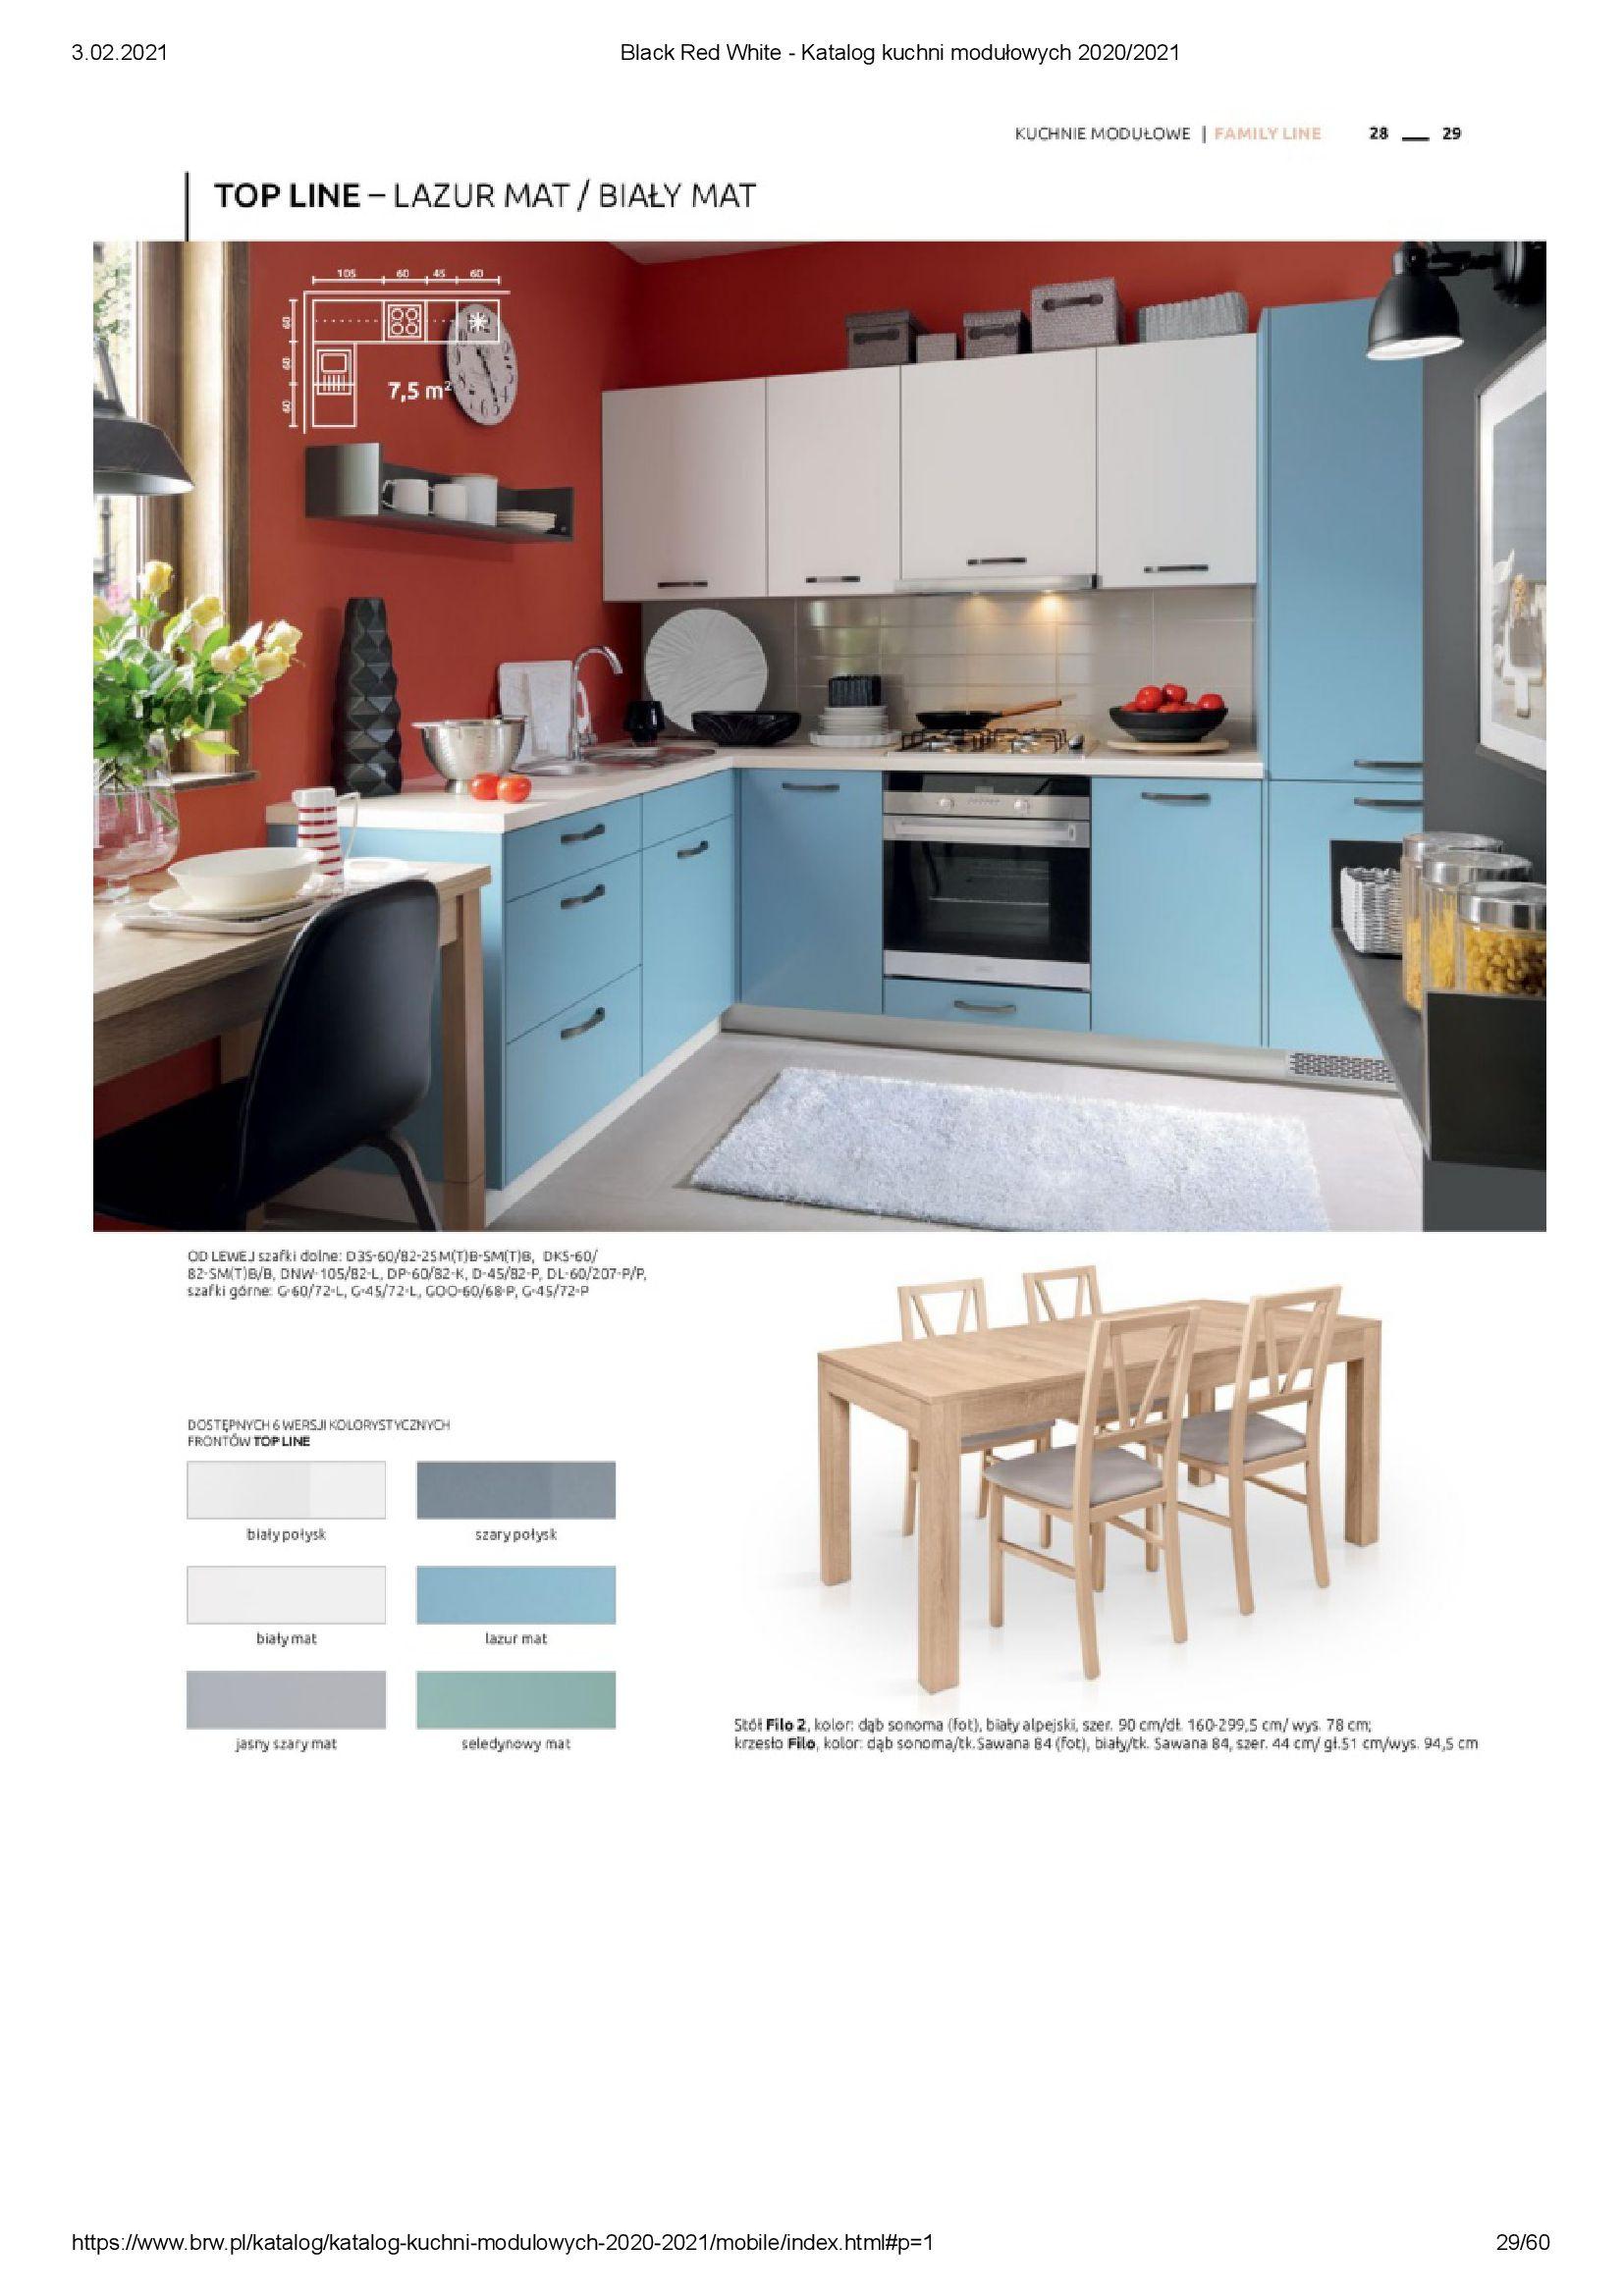 Gazetka Black Red White: Katalog - Kuchnie modułowe 2020/2021 2021-01-01 page-29